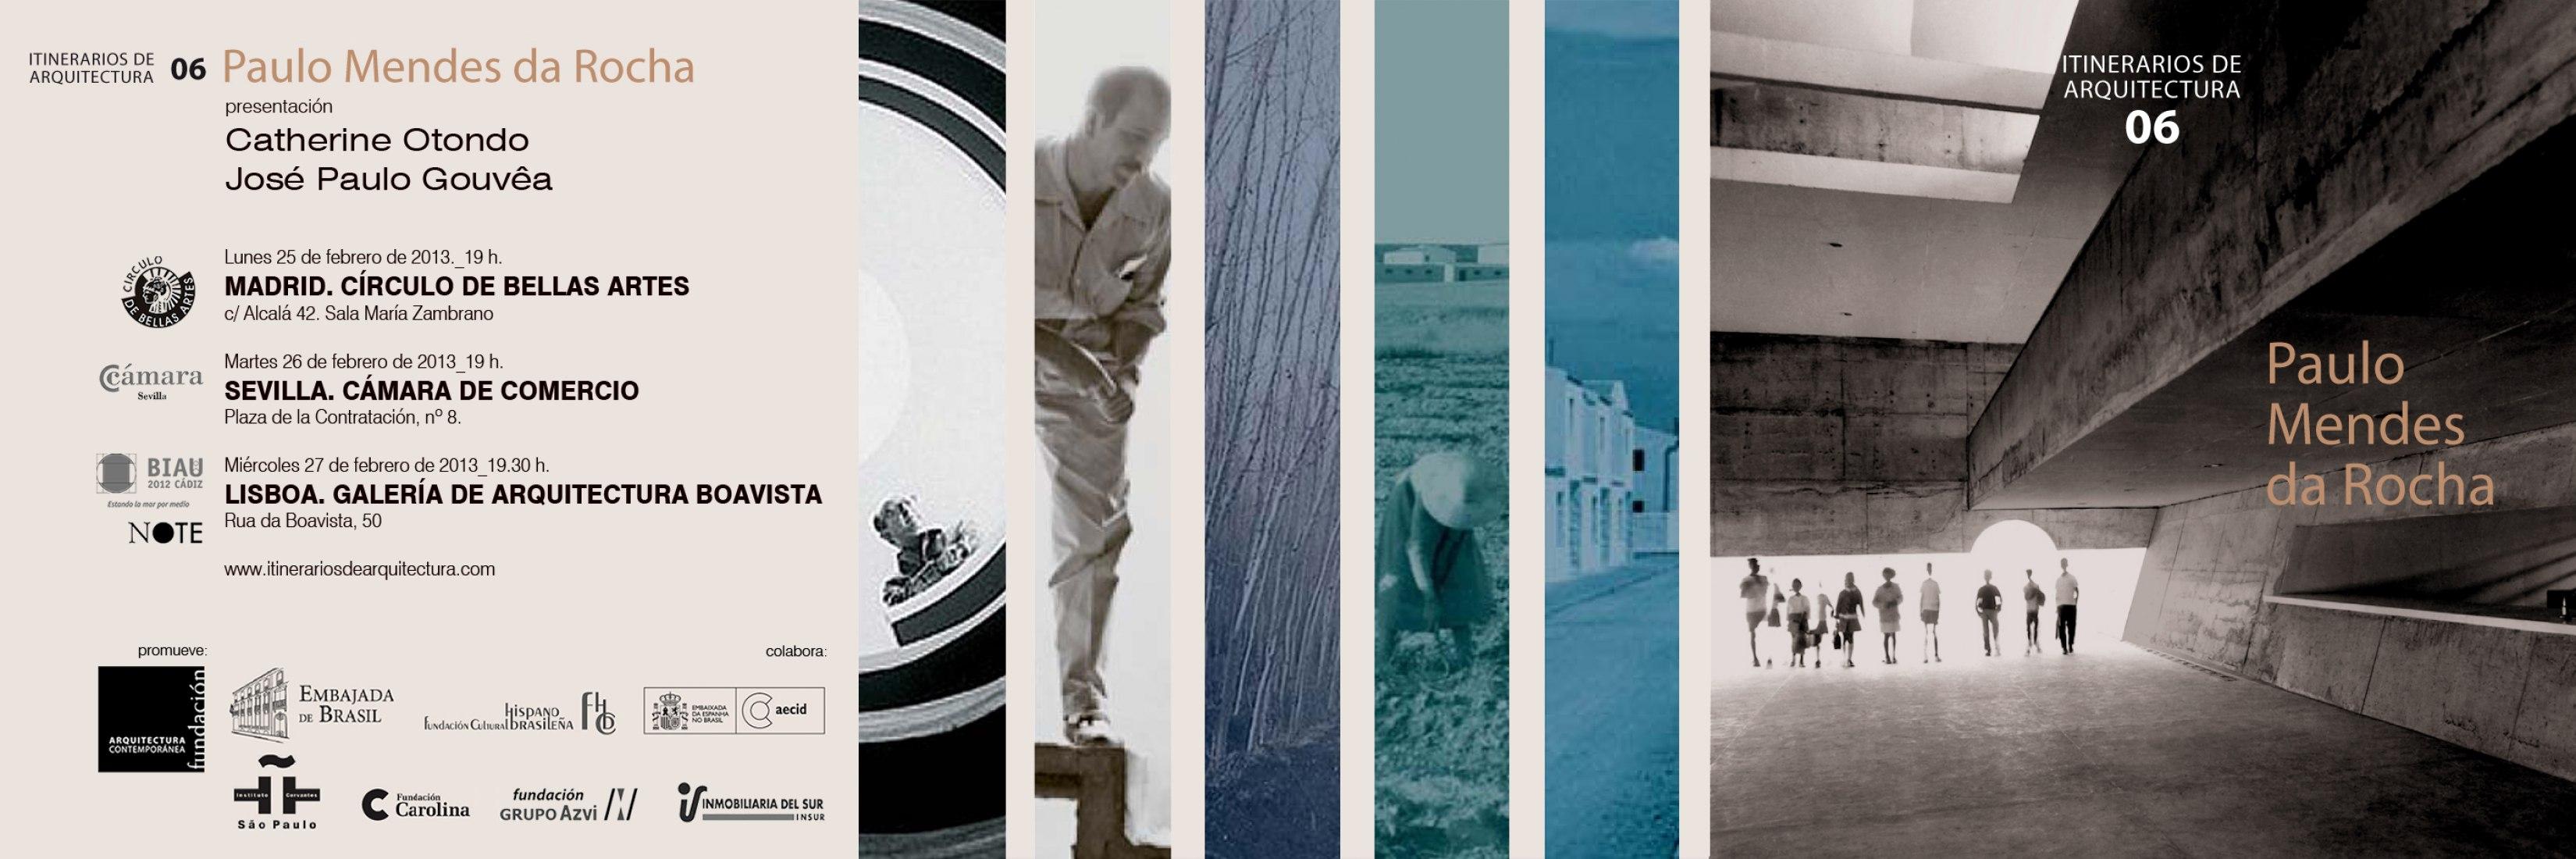 Itinerario de Arquitectura 06: Paulo Mendes da Rocha